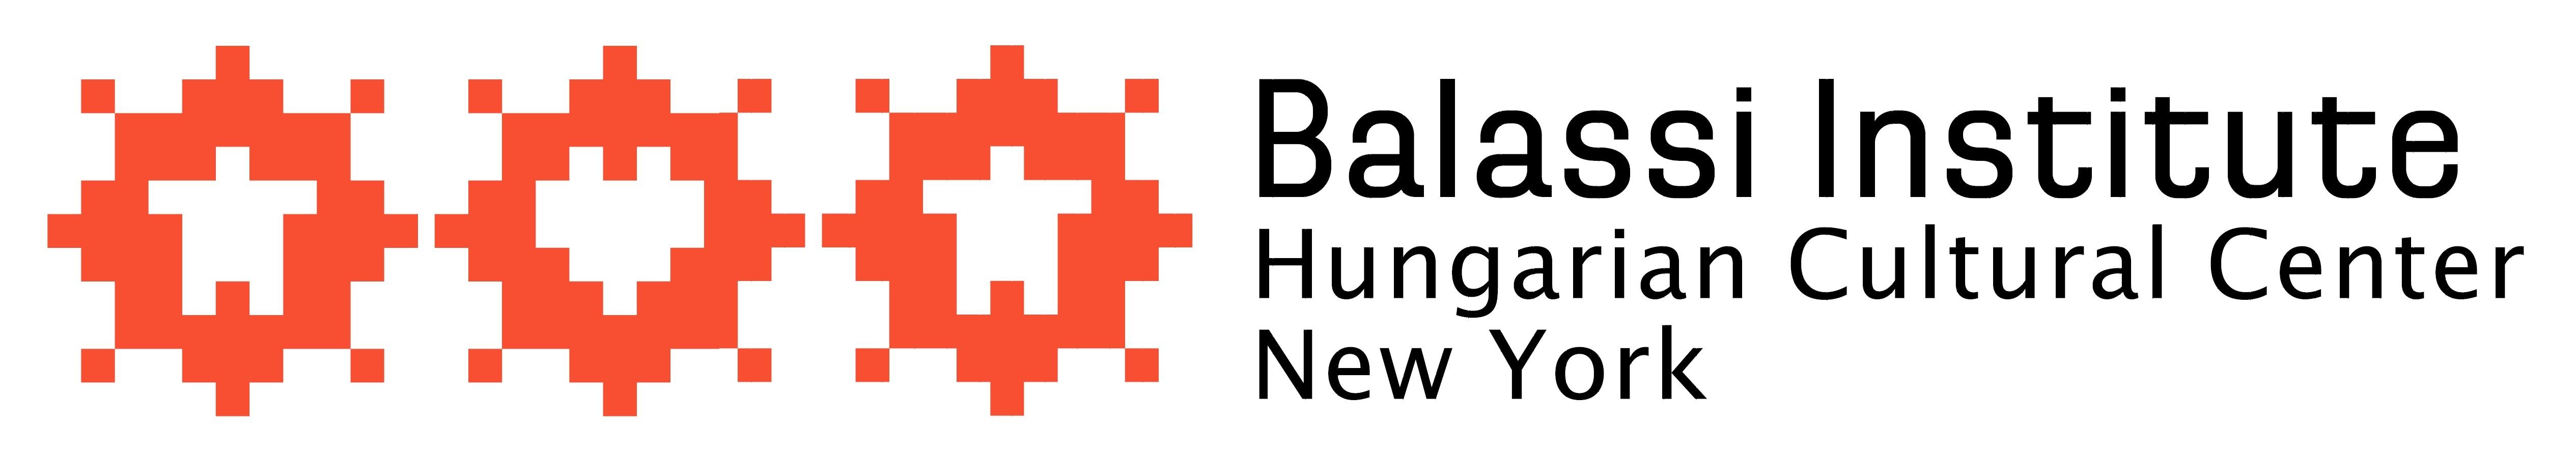 Balassi